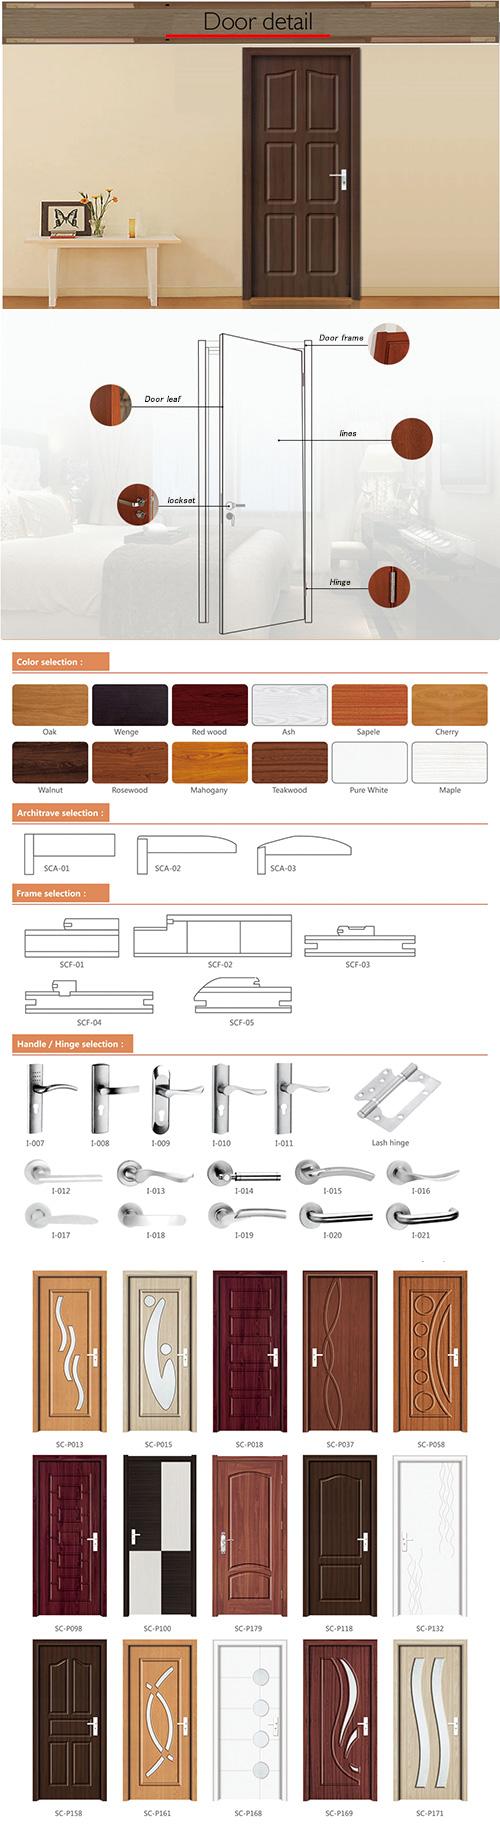 Modern Design Wooden Crown PVC Door, MDF Board Door (SC-P175)